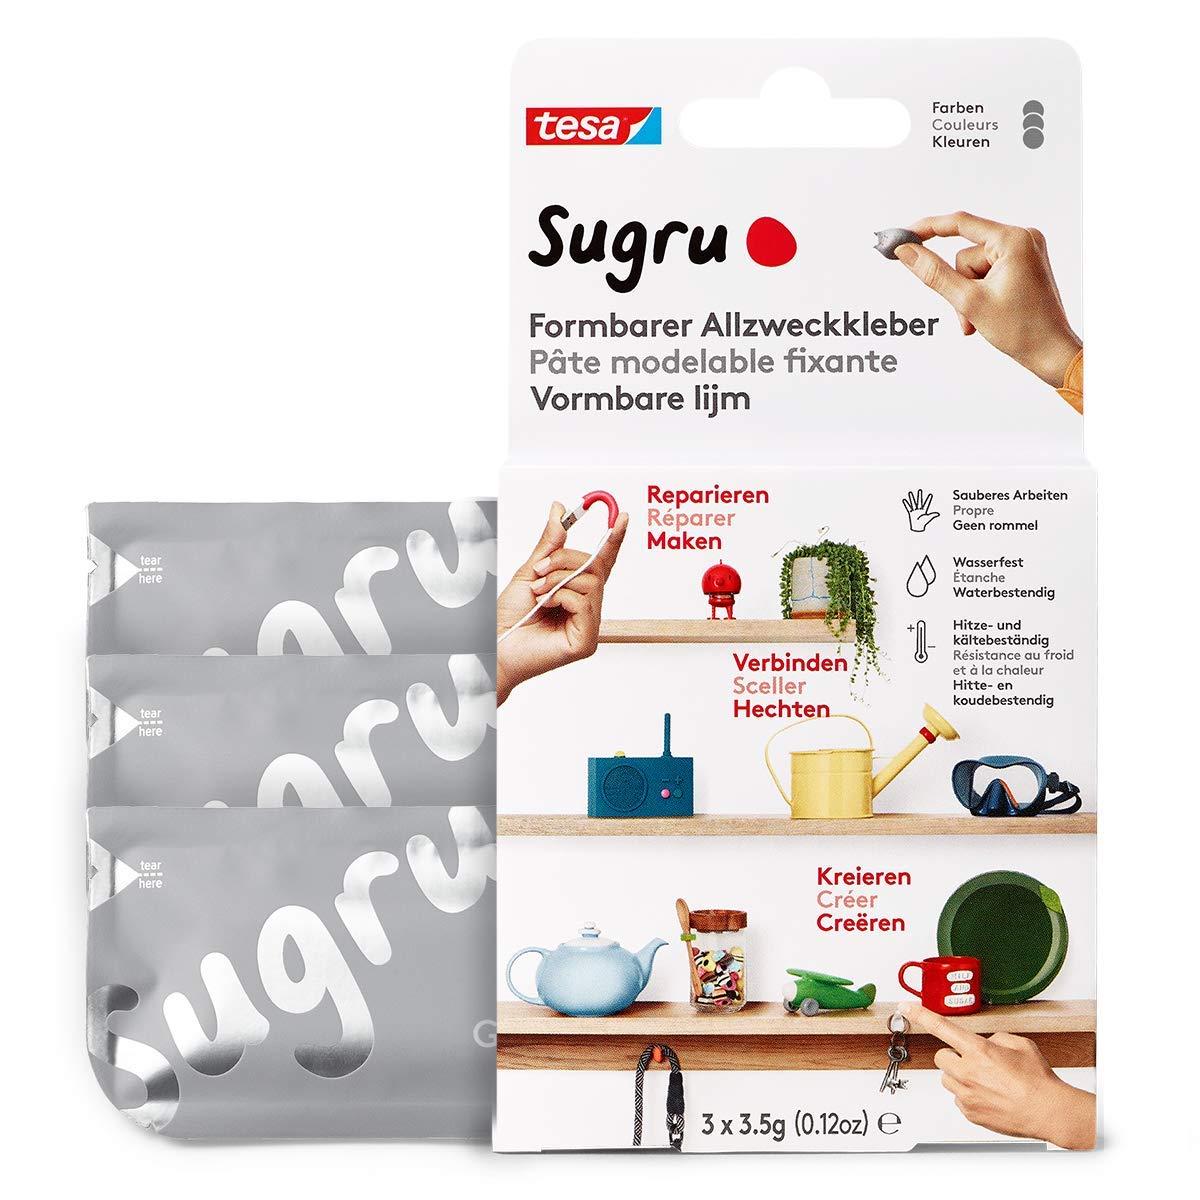 Sugru by tesa® - Formbarer Allzweckkleber, starker Allzweck-Klebstoff, 3er-Pack (3 x 3,5 g) in Grau